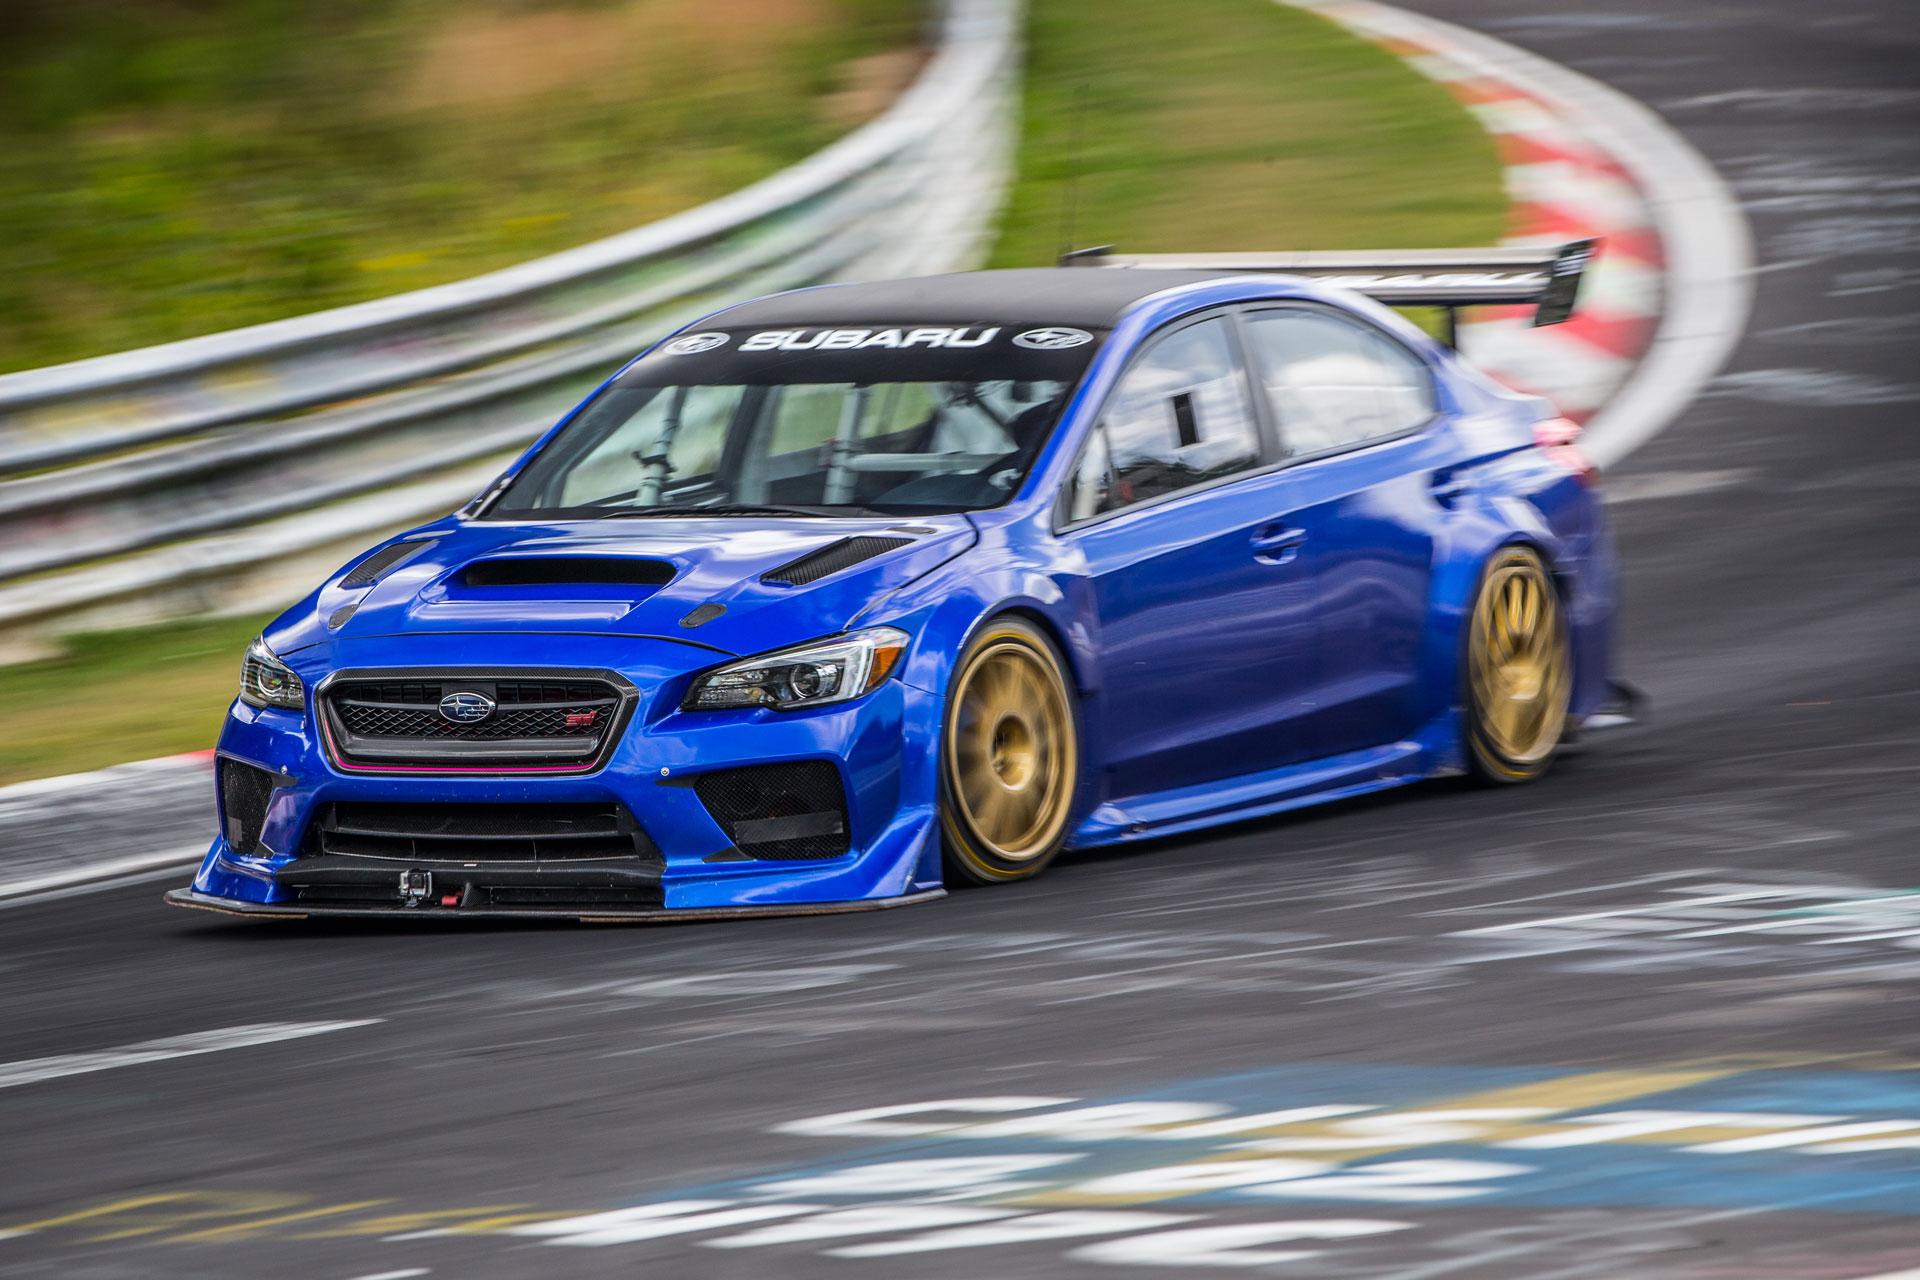 Subaru WRX STI Type RA NBR claims Nürburgring sedan record with 6